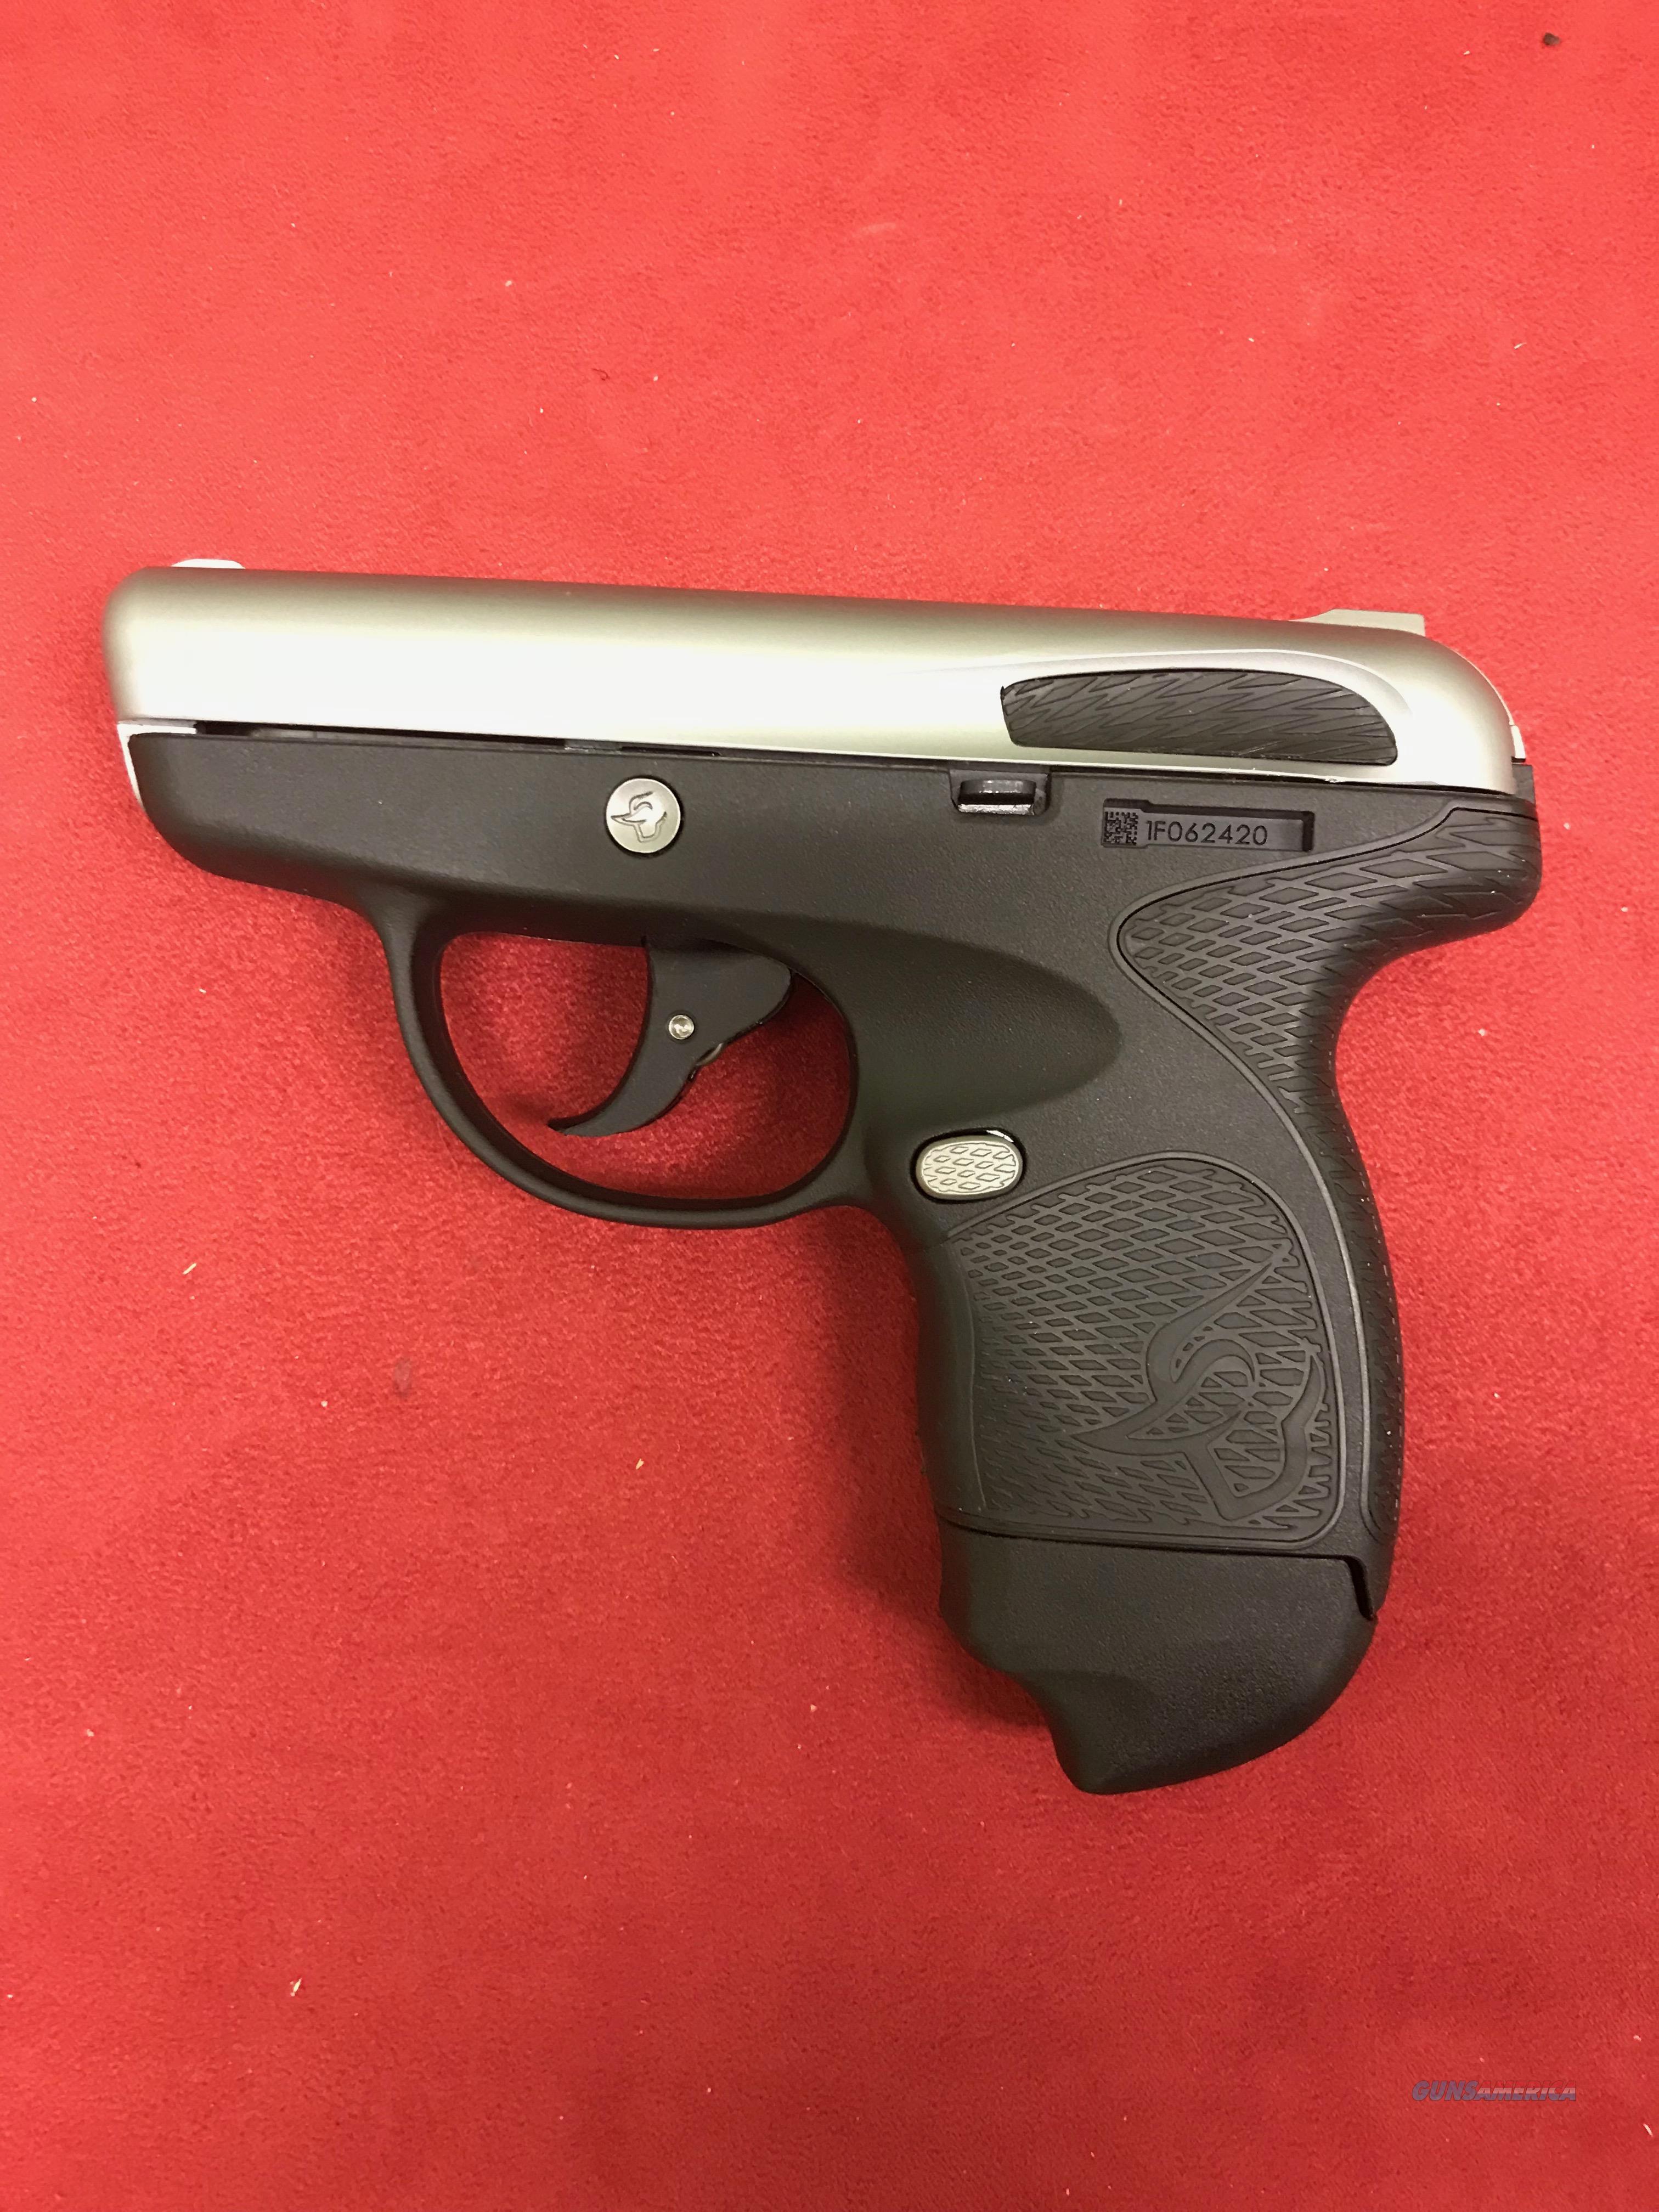 TAURUS®  SPECTRUM™  Guns > Pistols > Taurus Pistols > Semi Auto Pistols > Polymer Frame